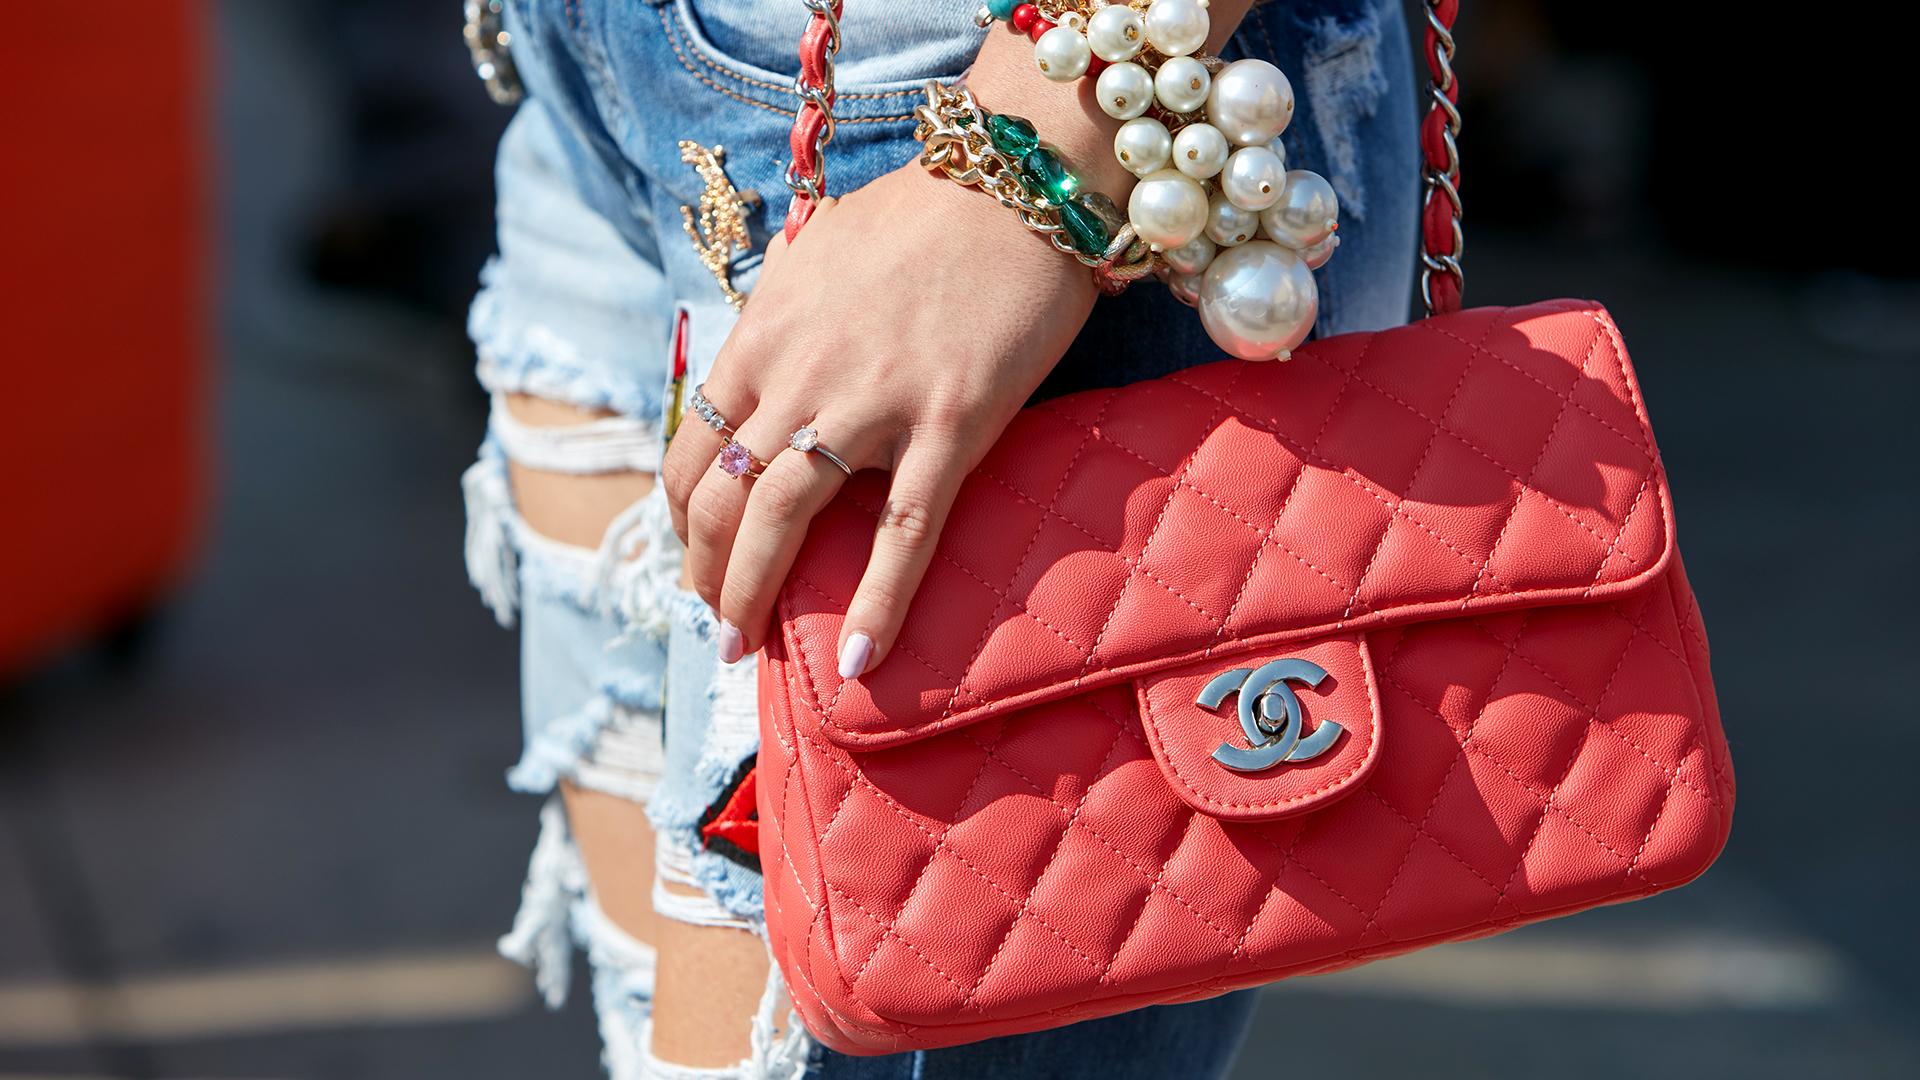 En 1929 Chanel lanzó un bolso inspirado en las bolsas de los soldados, que tuvo sus versiones a lo largo de la historia de la moda